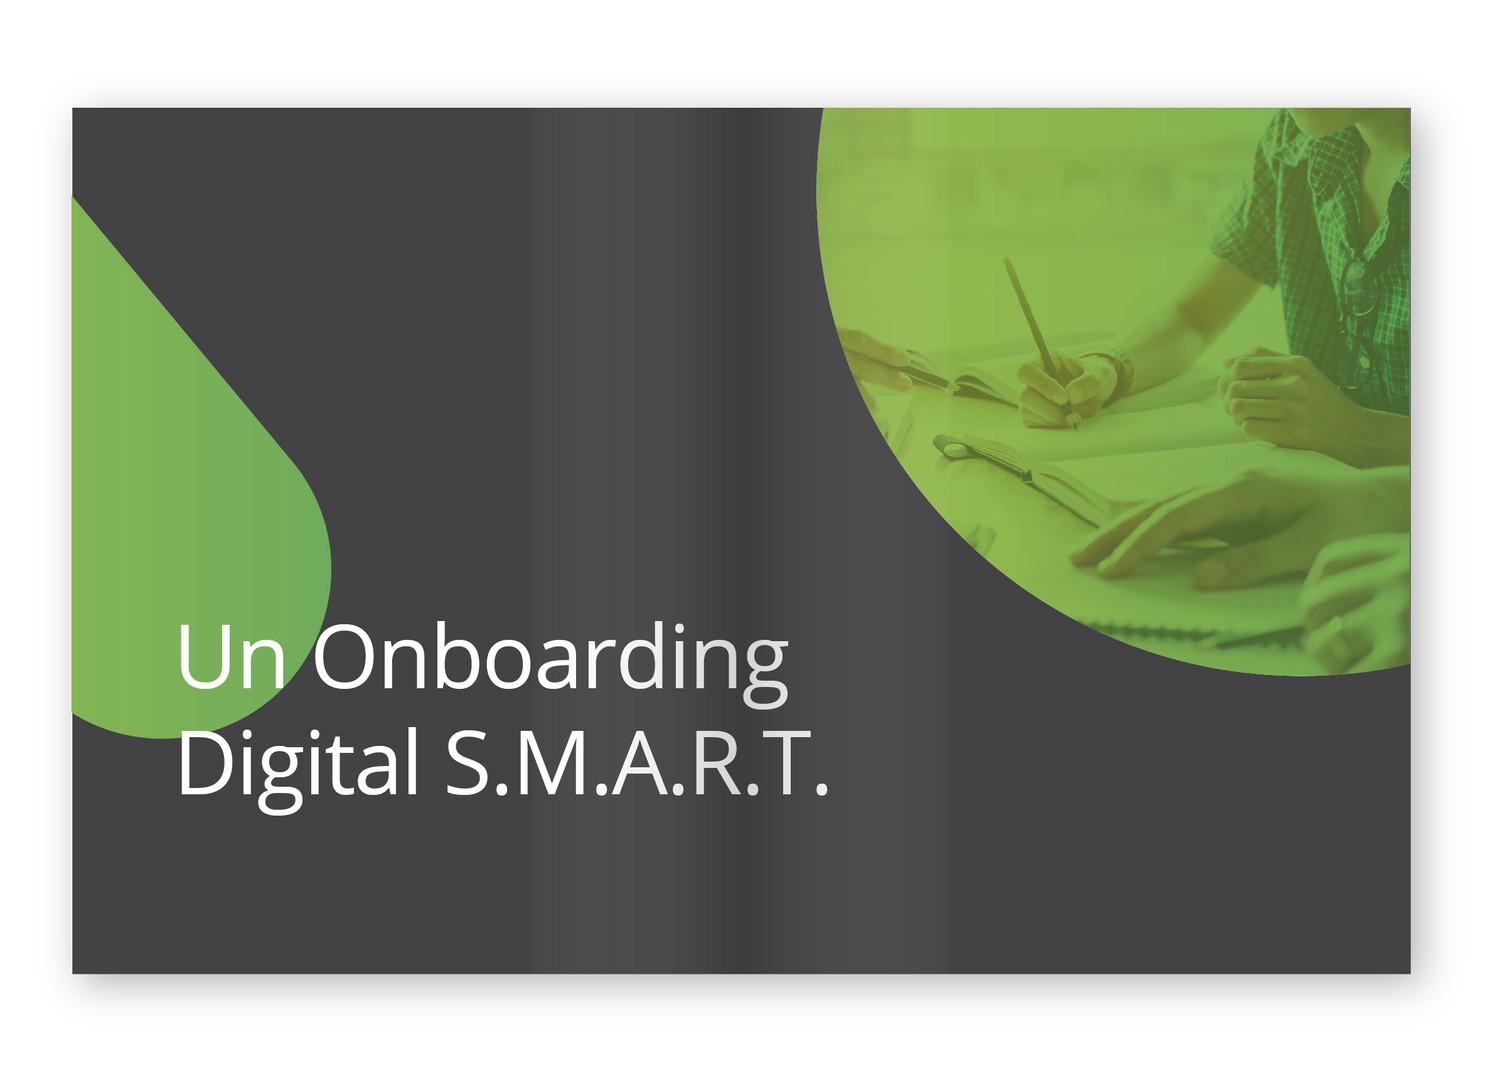 Onboarding digital S.M.A.R.T_150tx.jpg